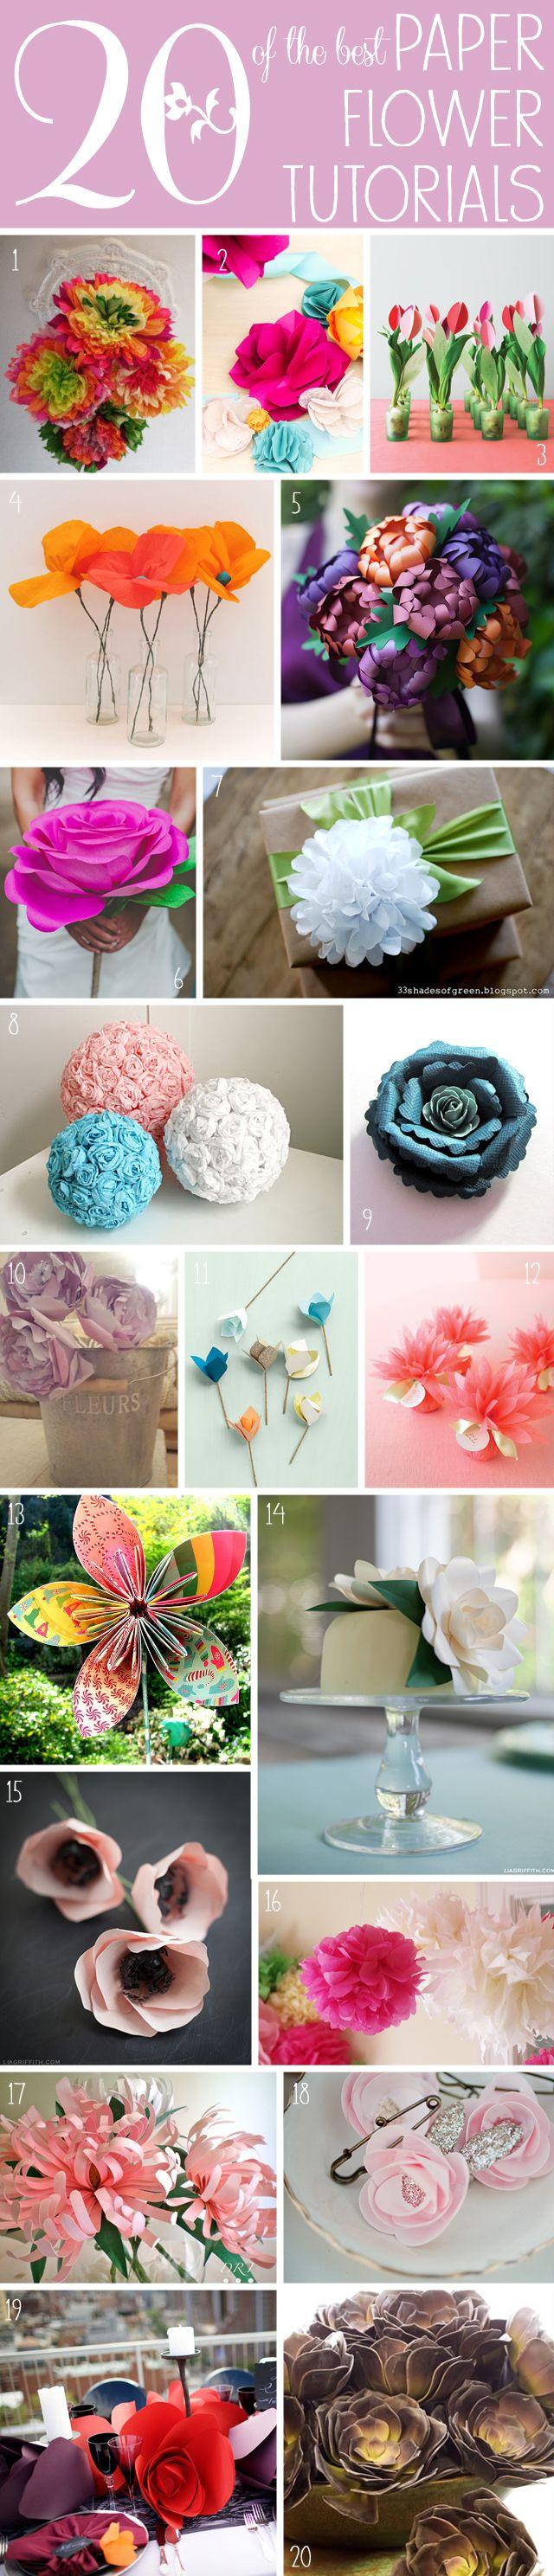 of the Best Paper Flower Tutorials  DIY u Crafts that I love